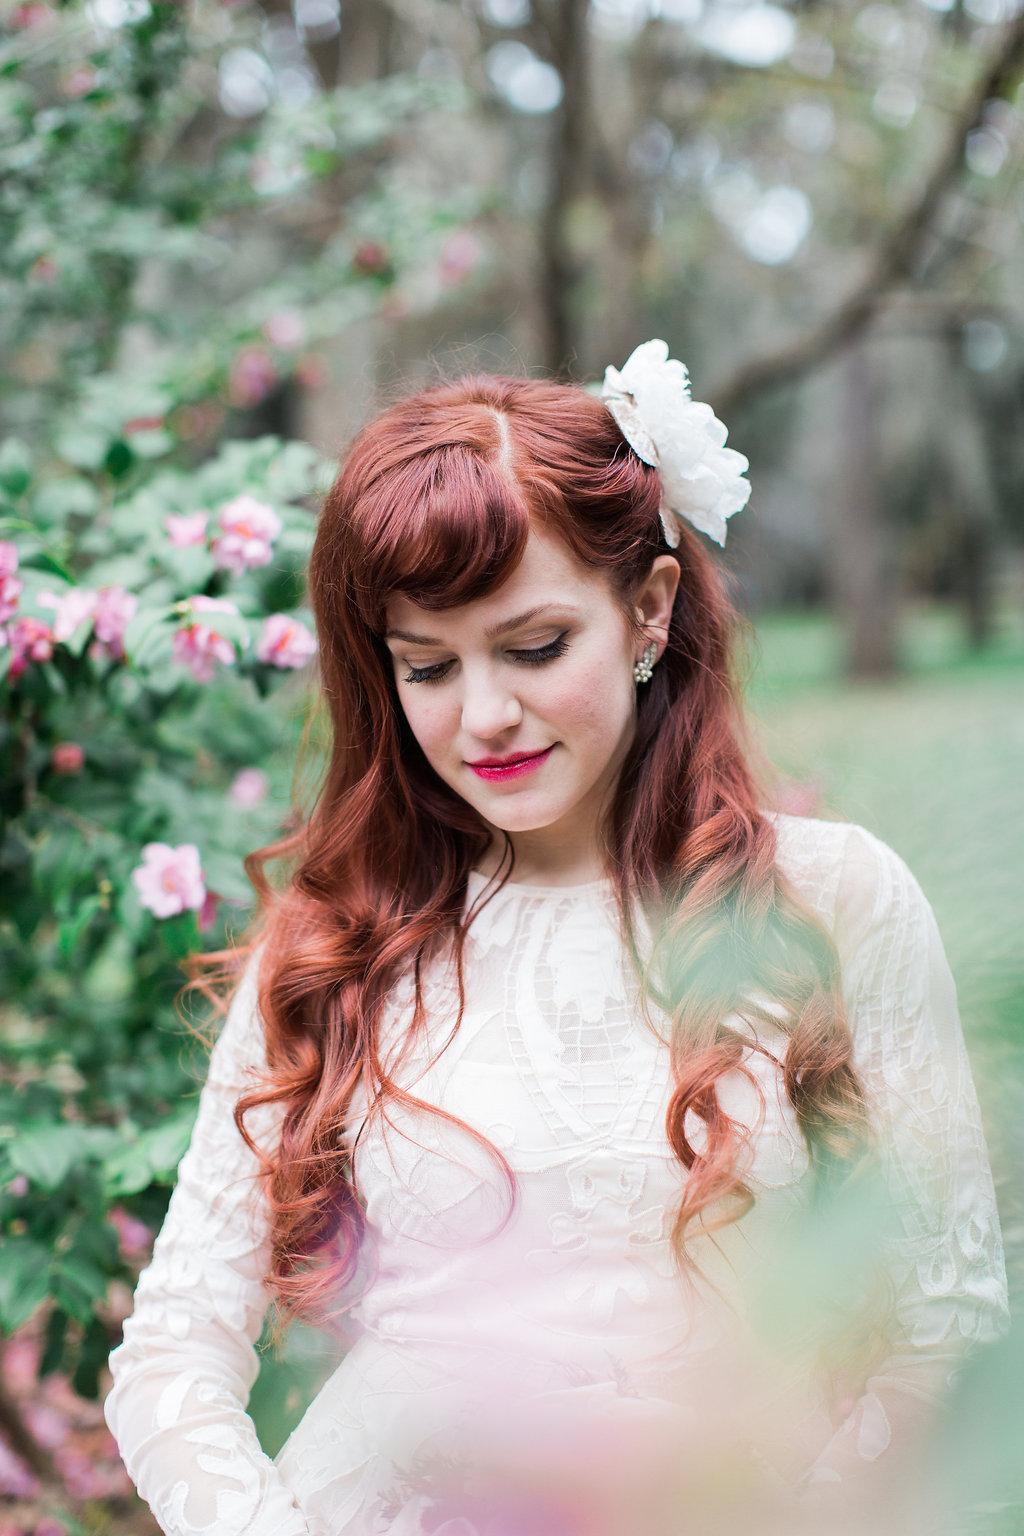 Savannah_Wedding_Photography_AptBPhotography_Elopements434.JPG